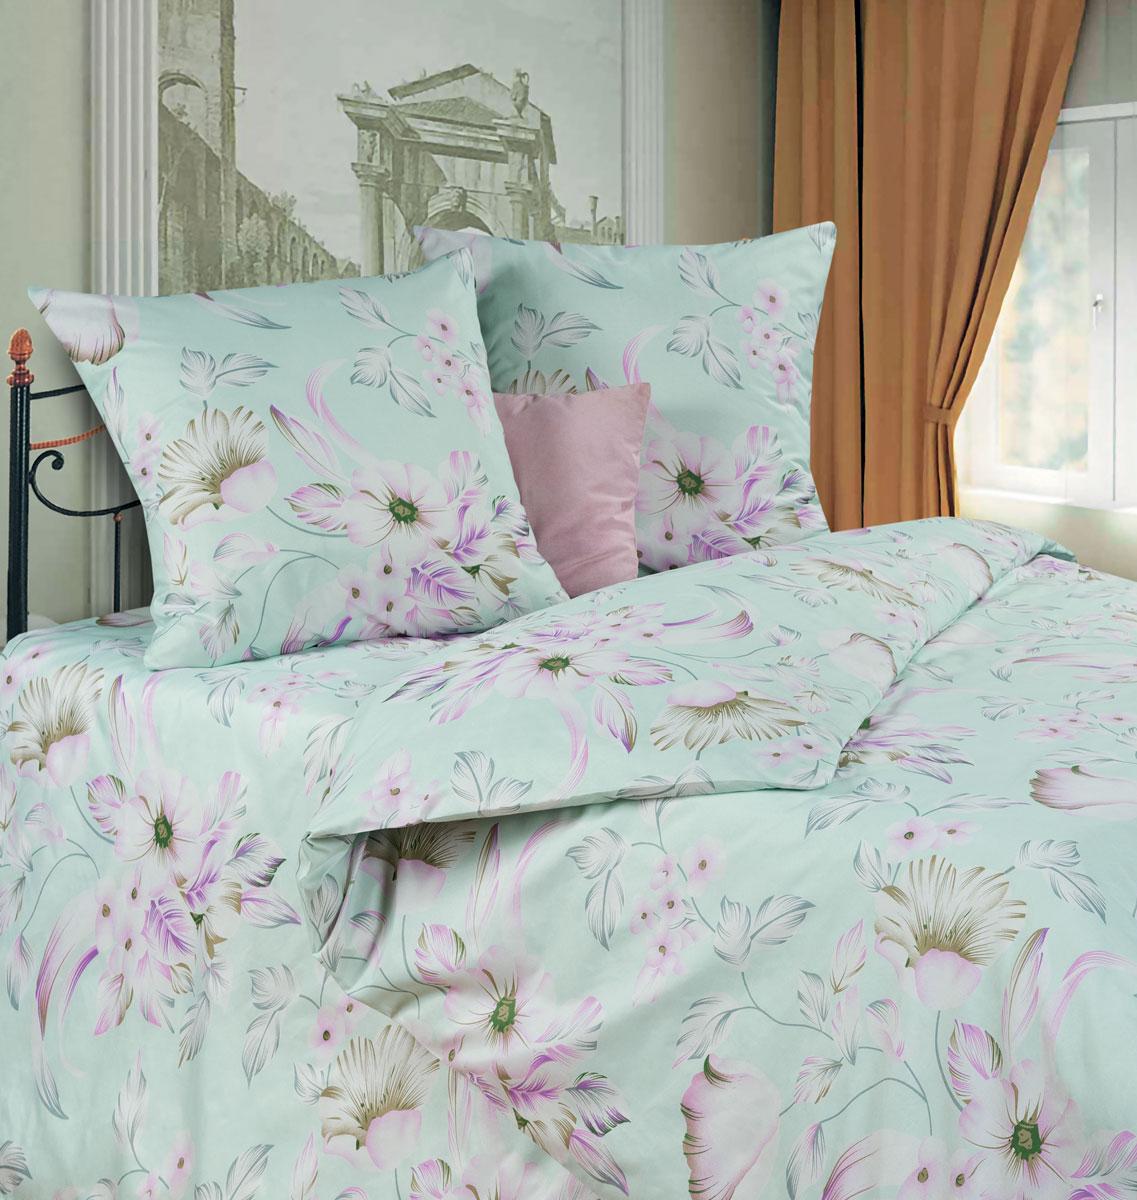 Комплект белья P&W Букет лилий, 1,5-спальный, наволочки 69x69, цвет: сиреневый, розовый, мятныйCA-3505Комплект постельного белья P&W Букет лилий выполнен из микрофибры. Комплект состоит из пододеяльника, простыни и двух наволочек. Постельное белье оформлено изысканным рисунком.Ткань приятная на ощупь, мягкая и нежная, при этом она прочная и хорошо сохраняет форму, легко гладится. Ткань микрофибра - новая технология в производстве постельного белья. Тонкие волокна, используемые в ткани, производят путем переработки полиамида и полиэстера. Такая нить не впитывает влагу, как хлопок, а пропускает ее через себя, и влага быстро испаряется. Изделие не деформируется и хорошо держит форму. Благодаря такому комплекту постельного белья, вы сможете создать атмосферу роскоши и романтики в вашей спальне.